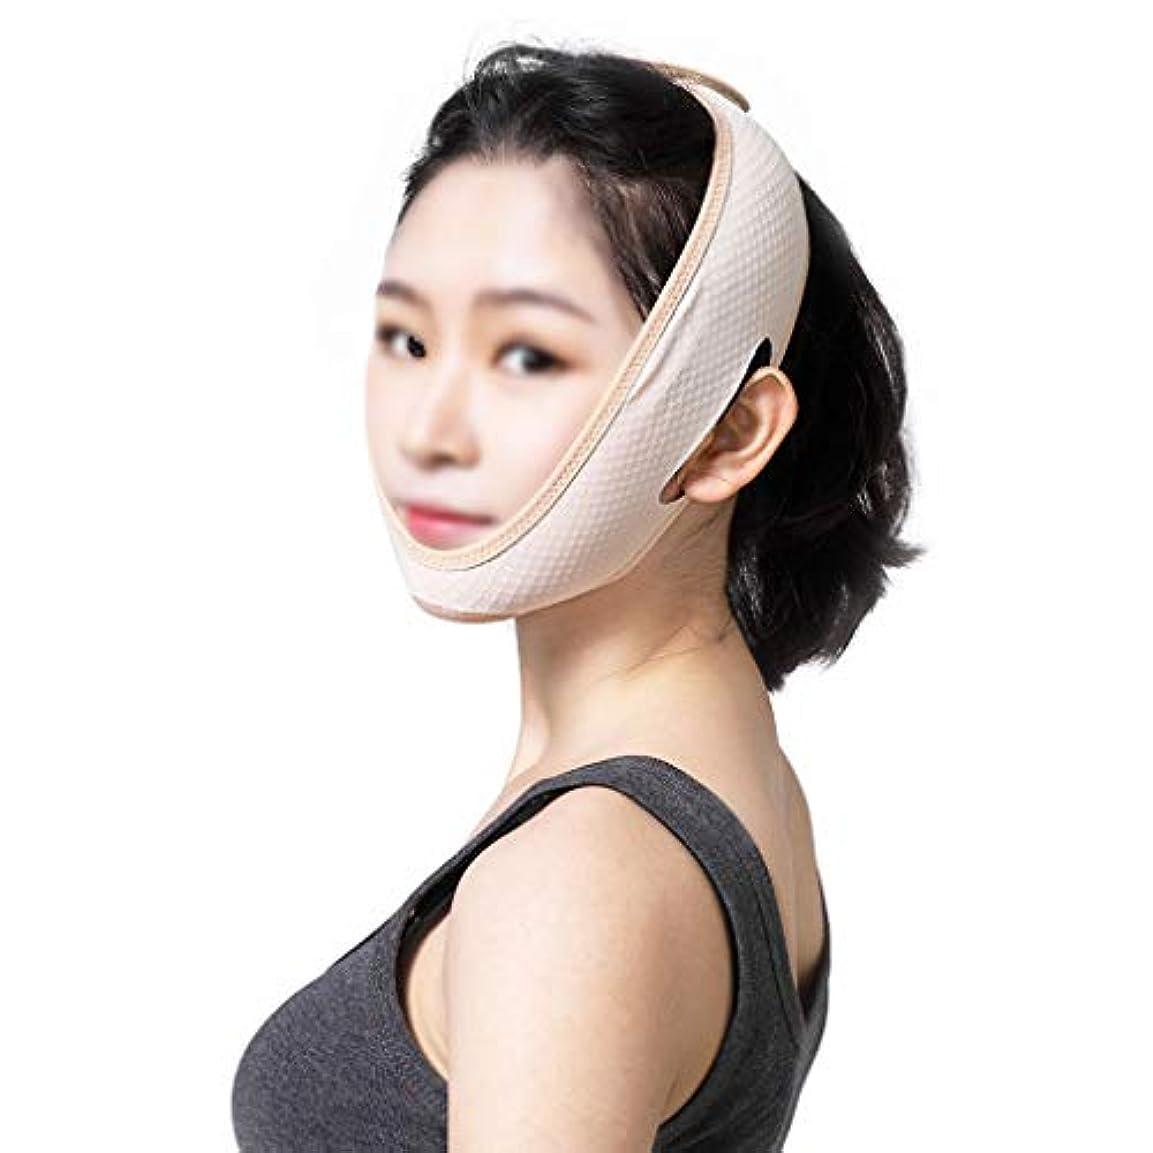 ジャムリーズに慣れTLMY 顔面リフティング包帯術後回復マスクリフティング包帯薄い顔アーティファクトは、小さなV顔を作成する 顔用整形マスク